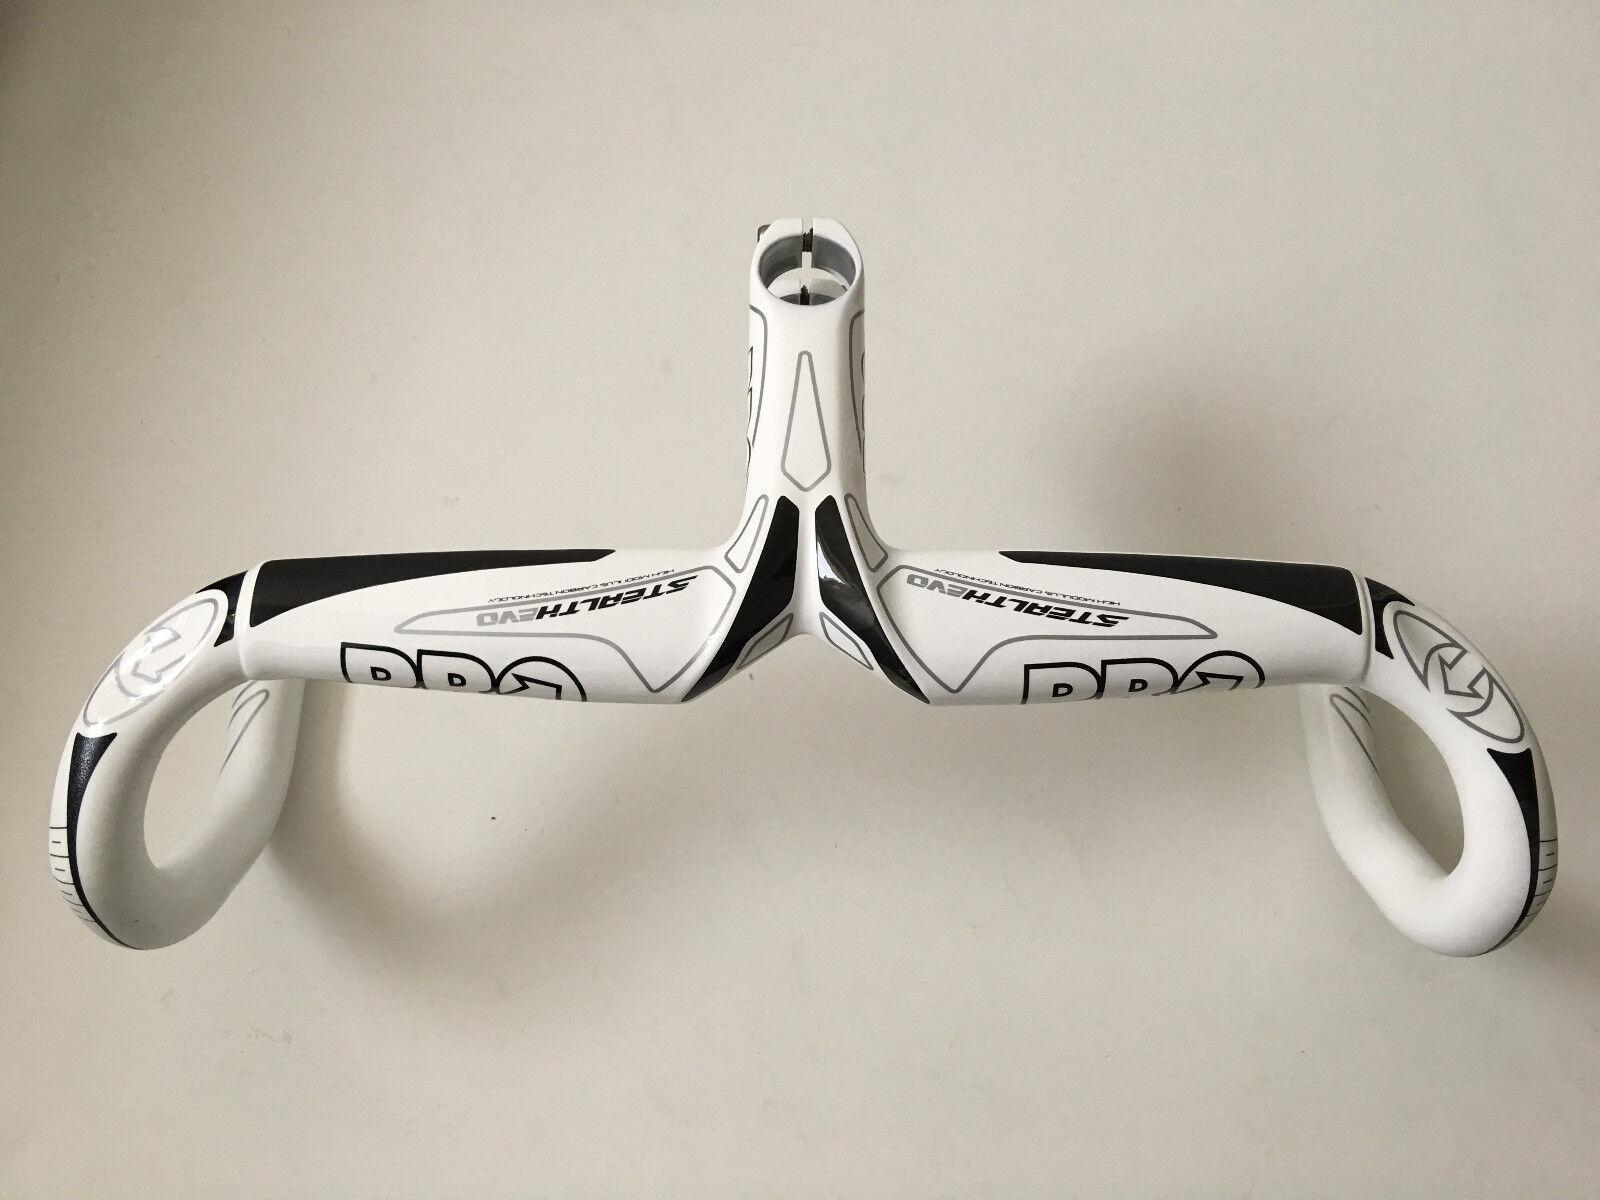 Pro Stealth Evo Carbon Lenker Vorbaueinheit Vorbaueinheit Vorbaueinheit 90 400mm Weiß Anatomisch OVP Neu 039403